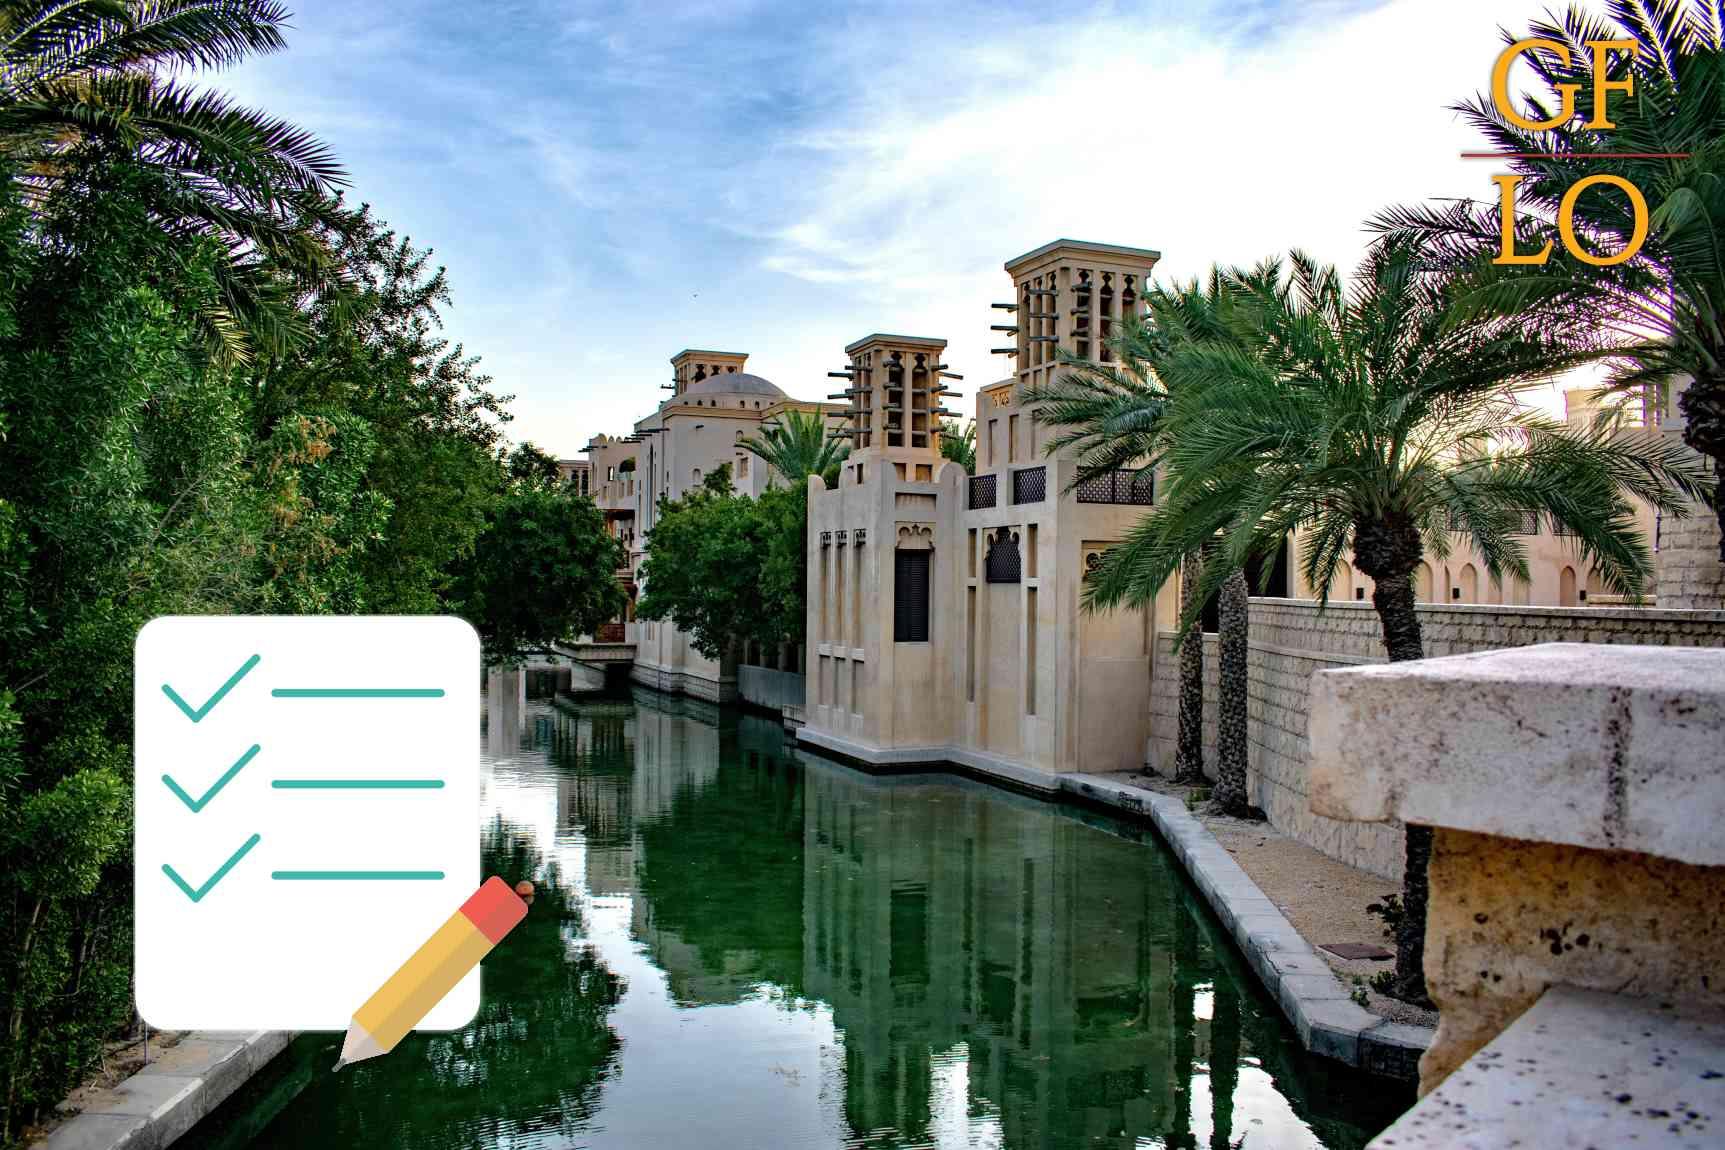 Фри зона Умм-Аль-Кувейн (ОАЭ): преимущества